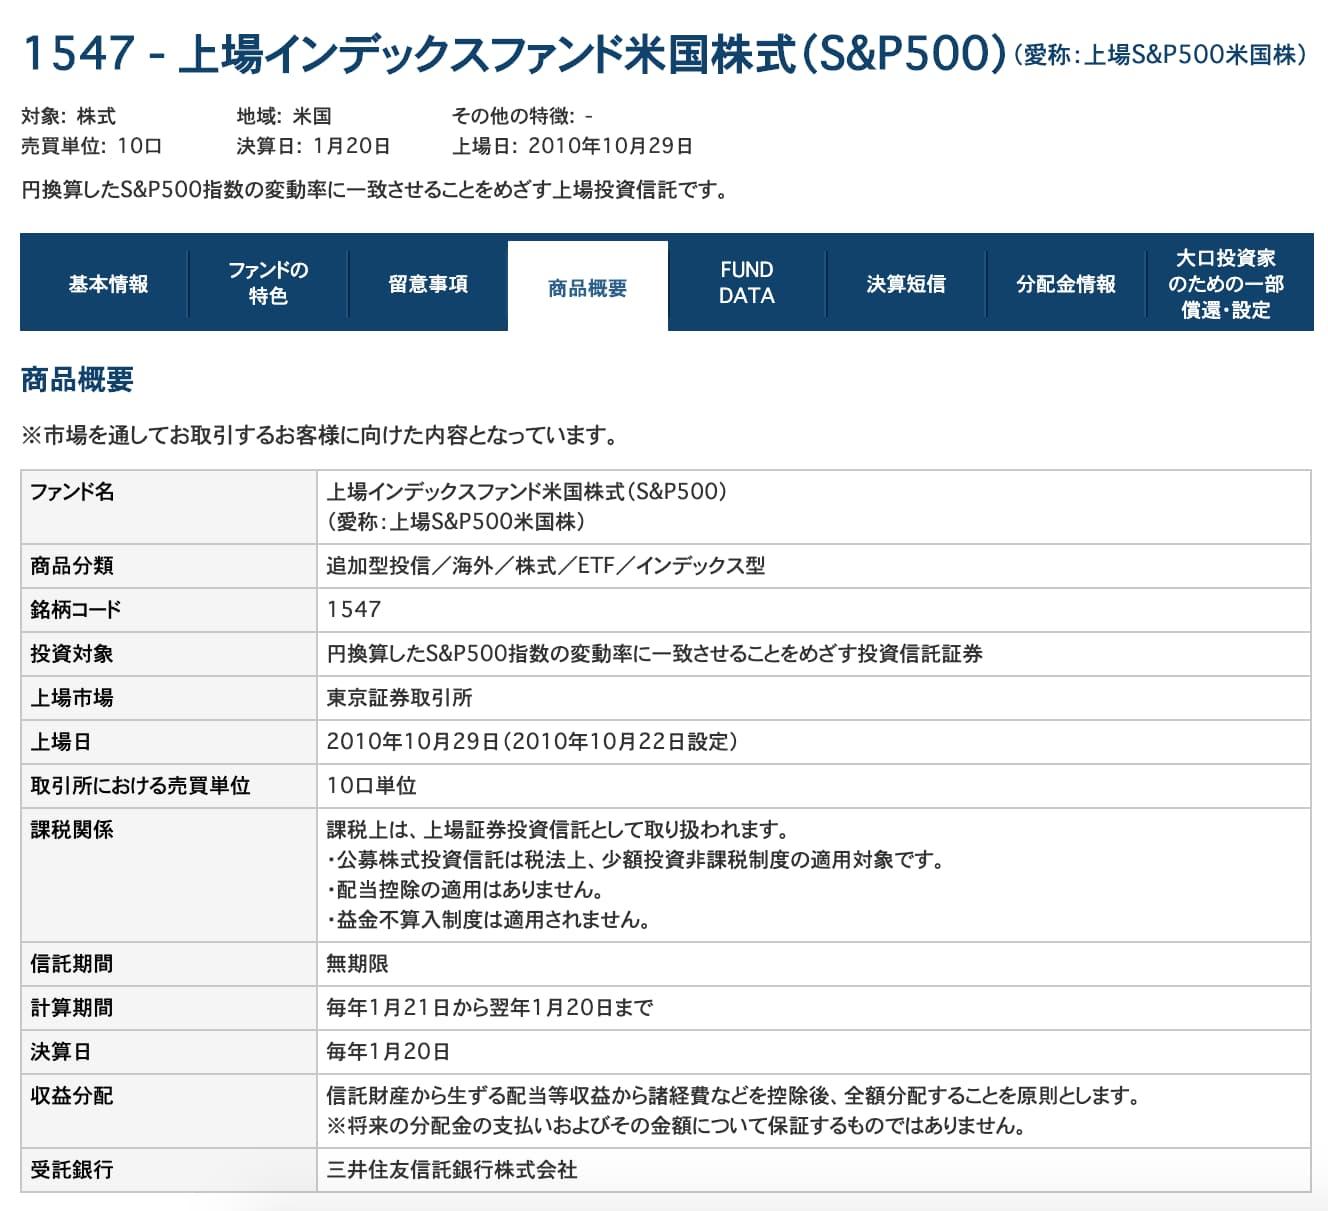 上場インデックスファンド米国株式(S&P500) (愛称:上場S&P500米国株)